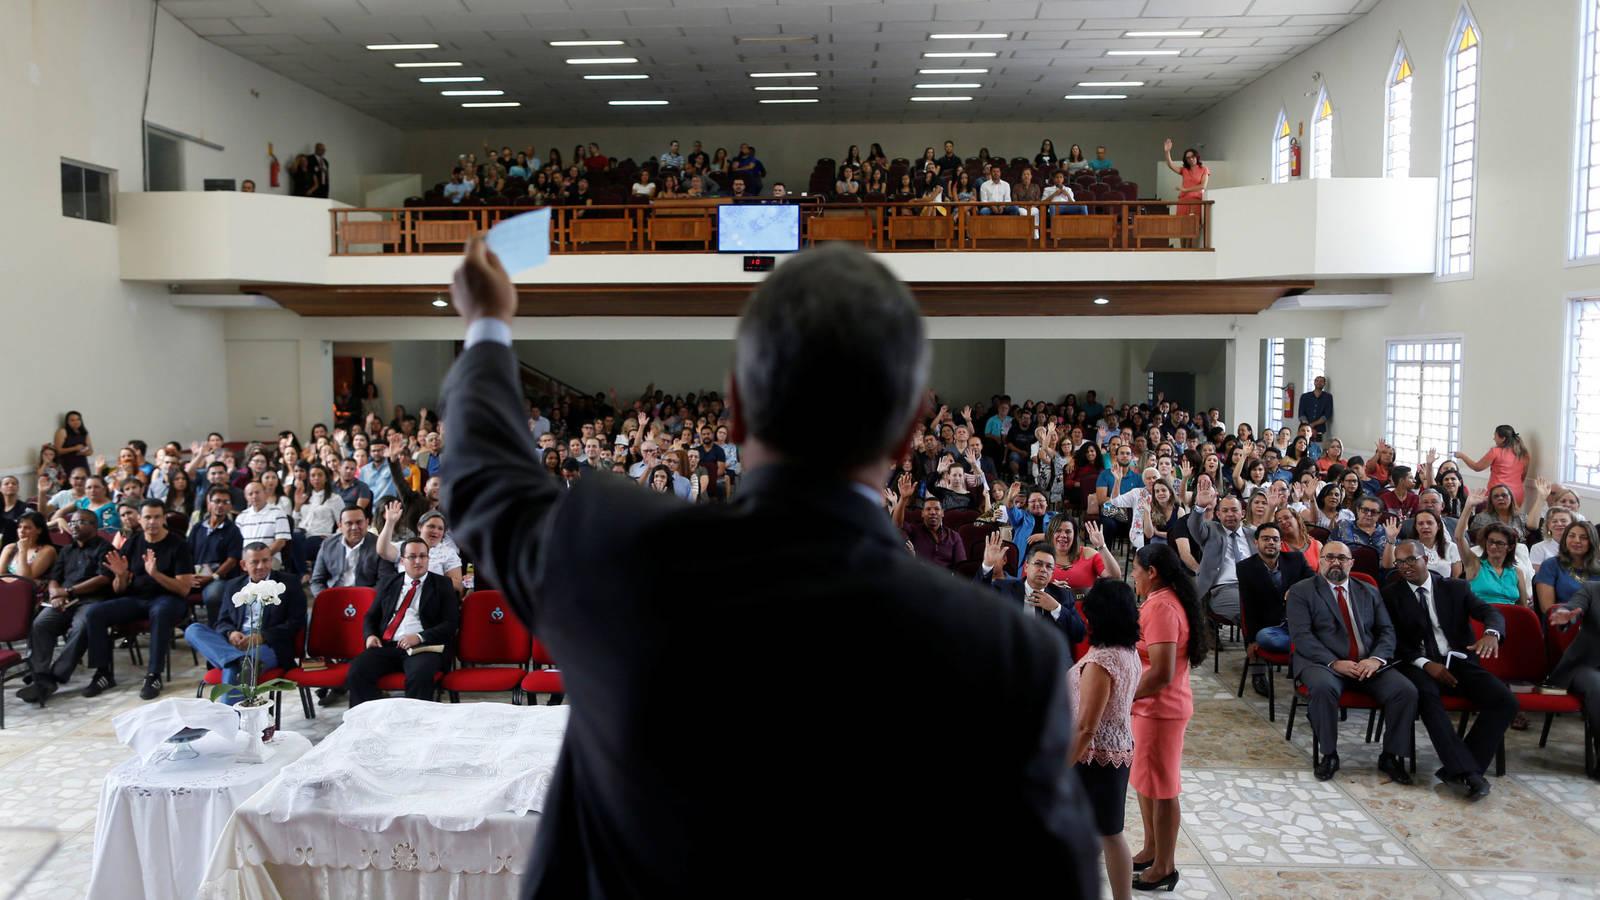 la-bancada-de-la-biblia-los-evangelicos-de-brasil-que-han-impulsado-a-bolsonaro